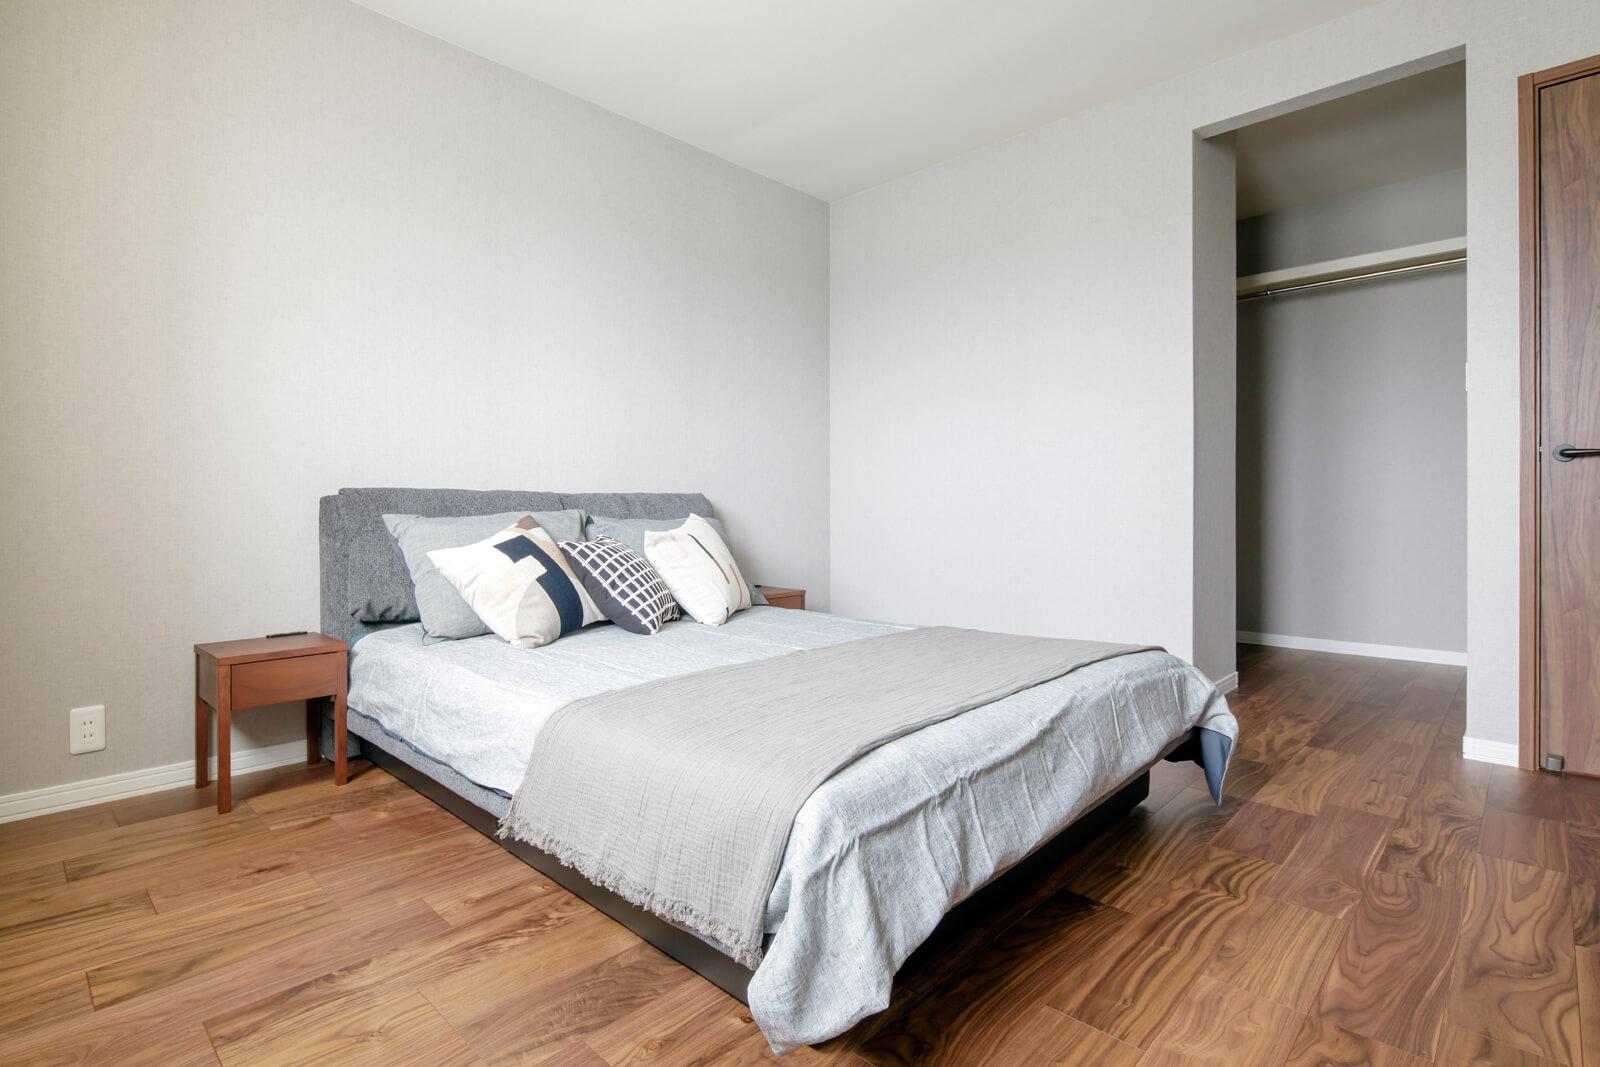 3帖のウォークインクローゼットがある主寝室。グレーのクロスで落ち着いた雰囲気